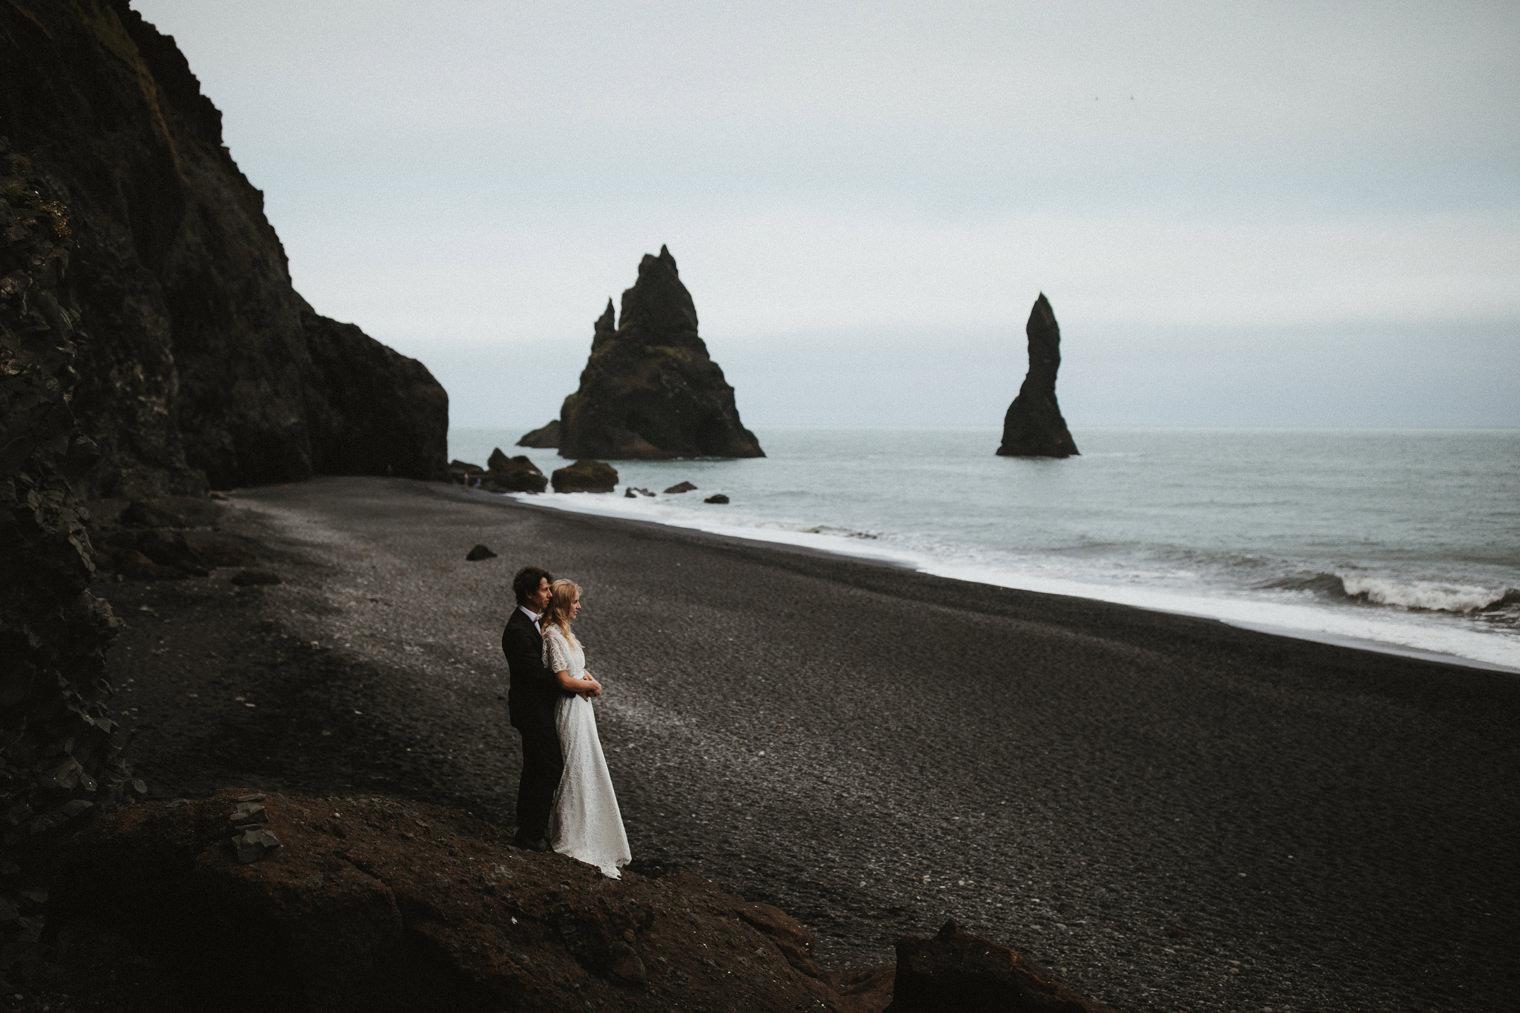 Iceland wedding ideas